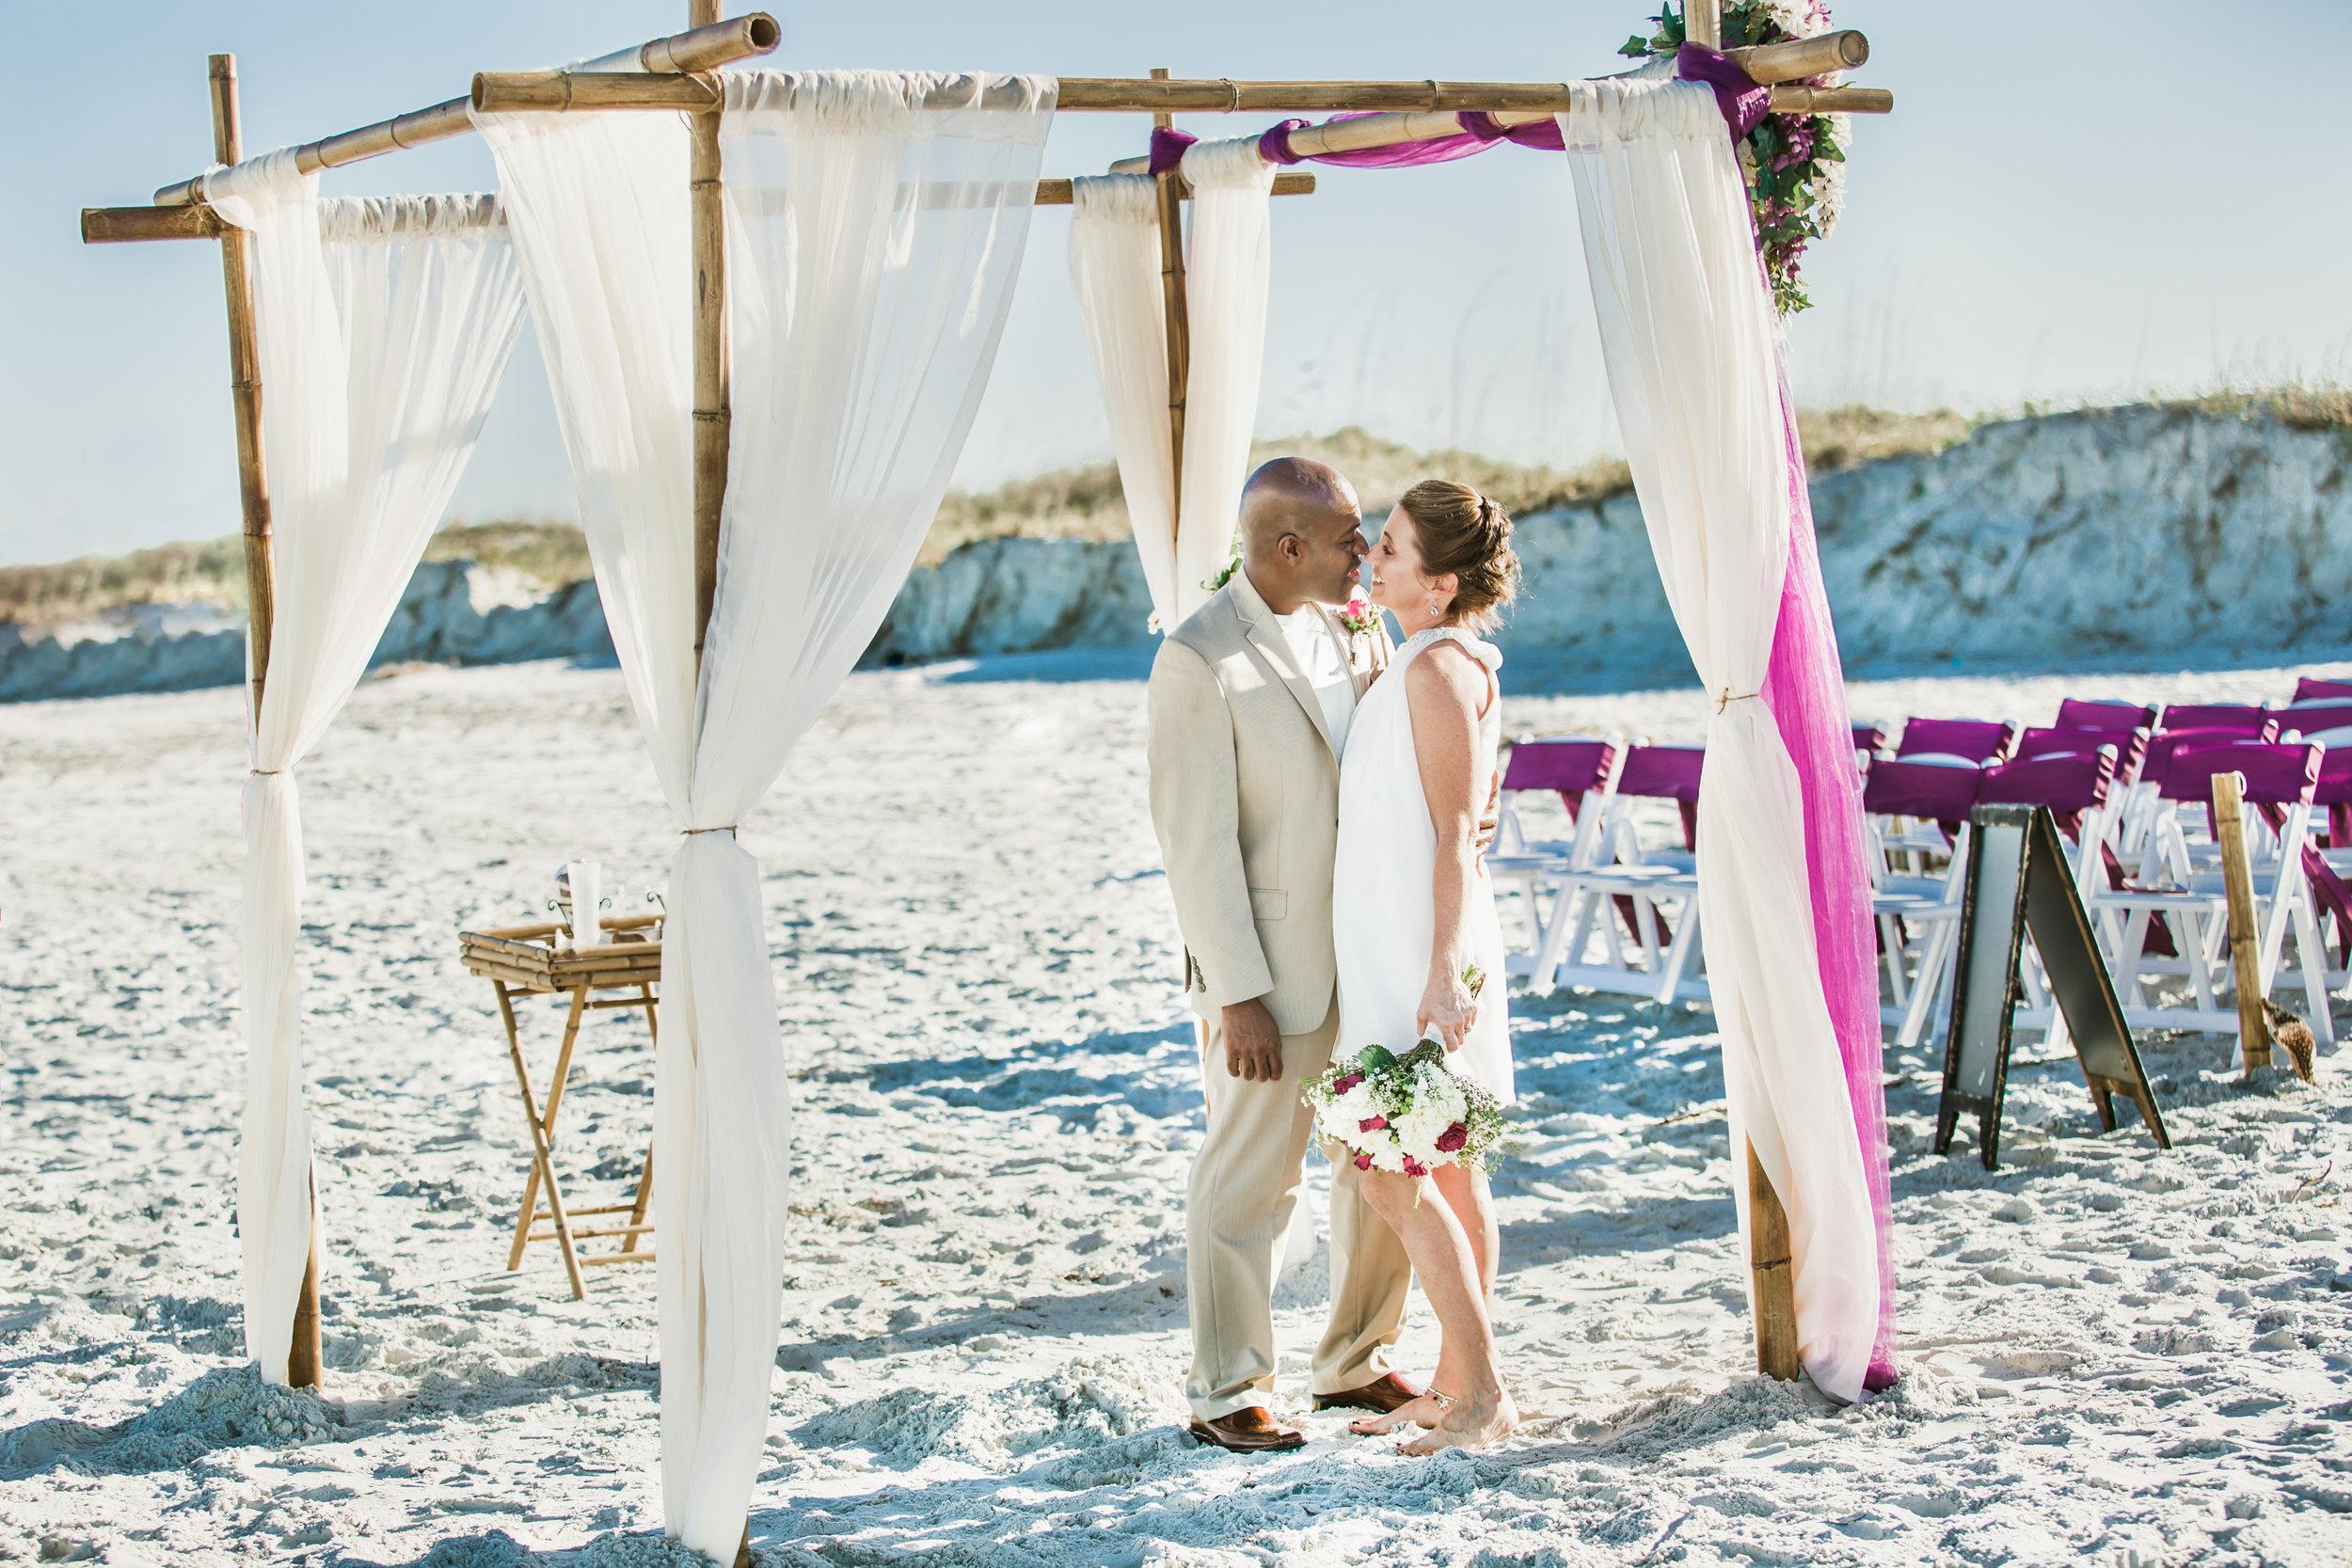 Violets & Seastars- November Ponce Inlet Wedding - Suzette & Dwight 84.jpg